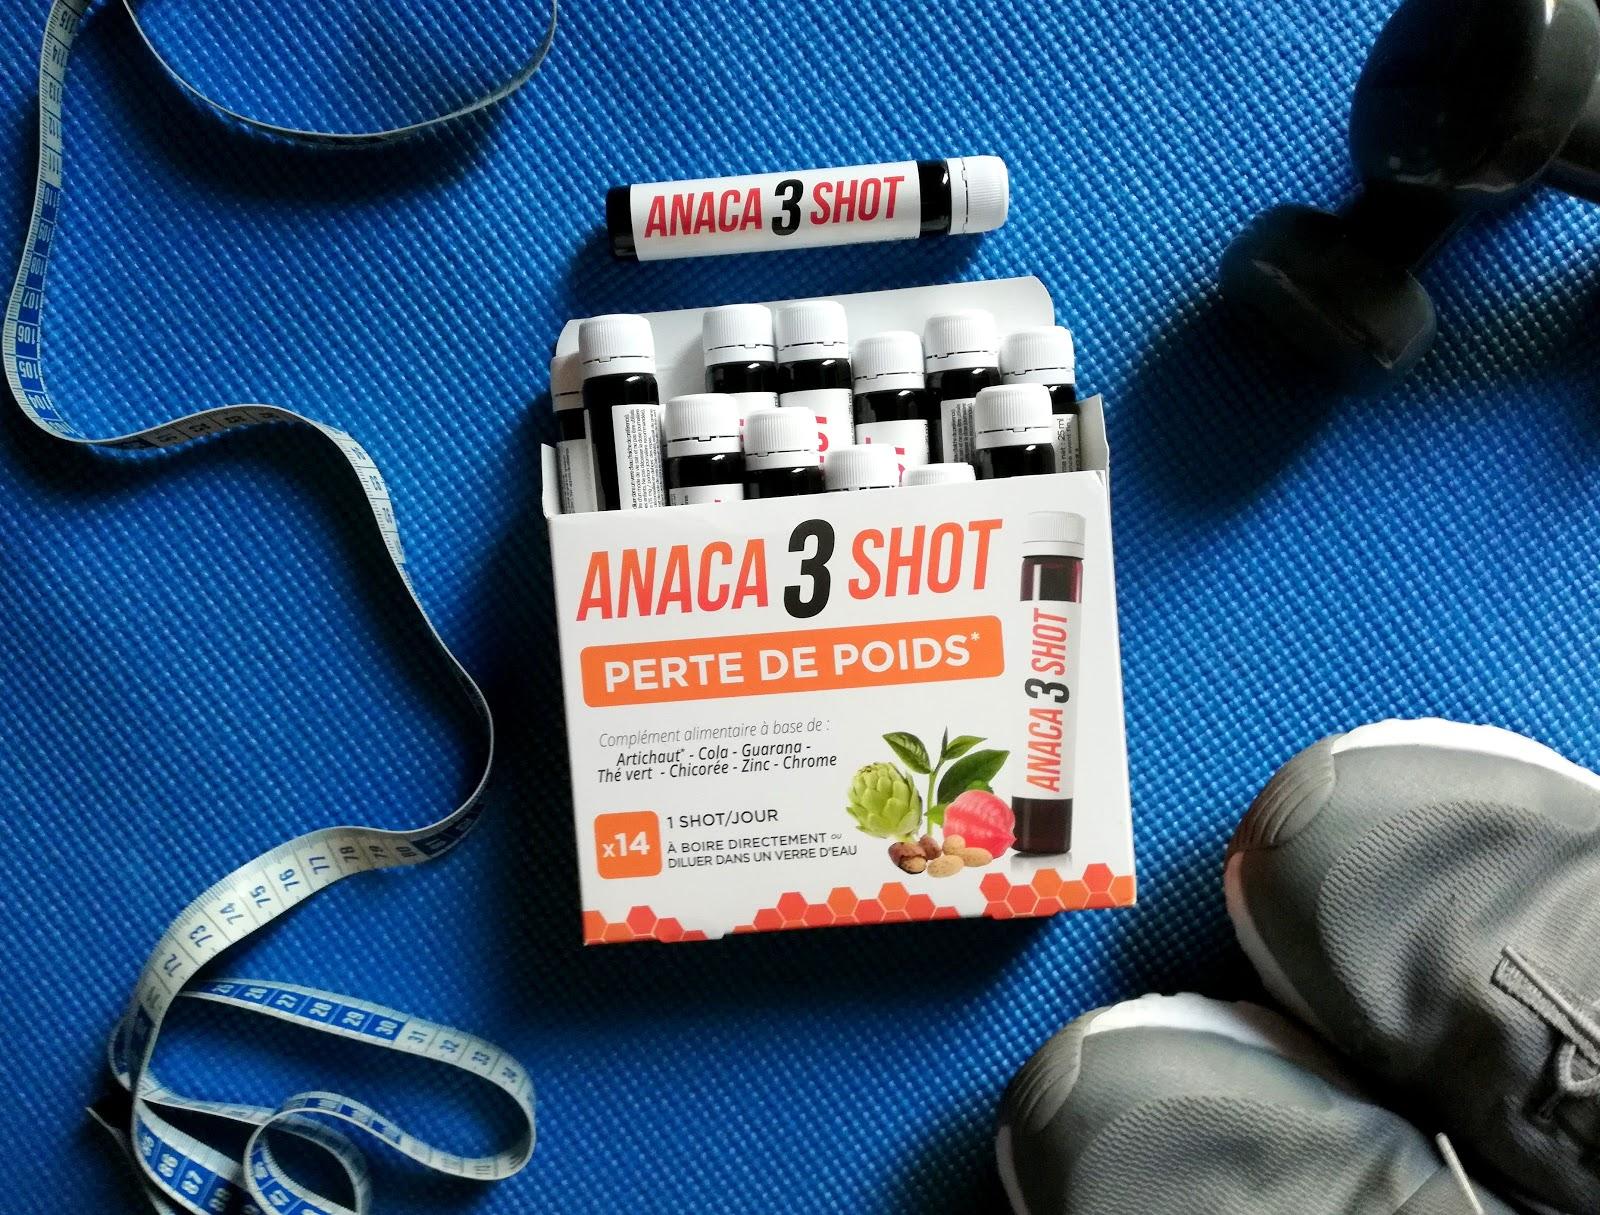 ANACA3 SHOT Perte de poids (code promo)